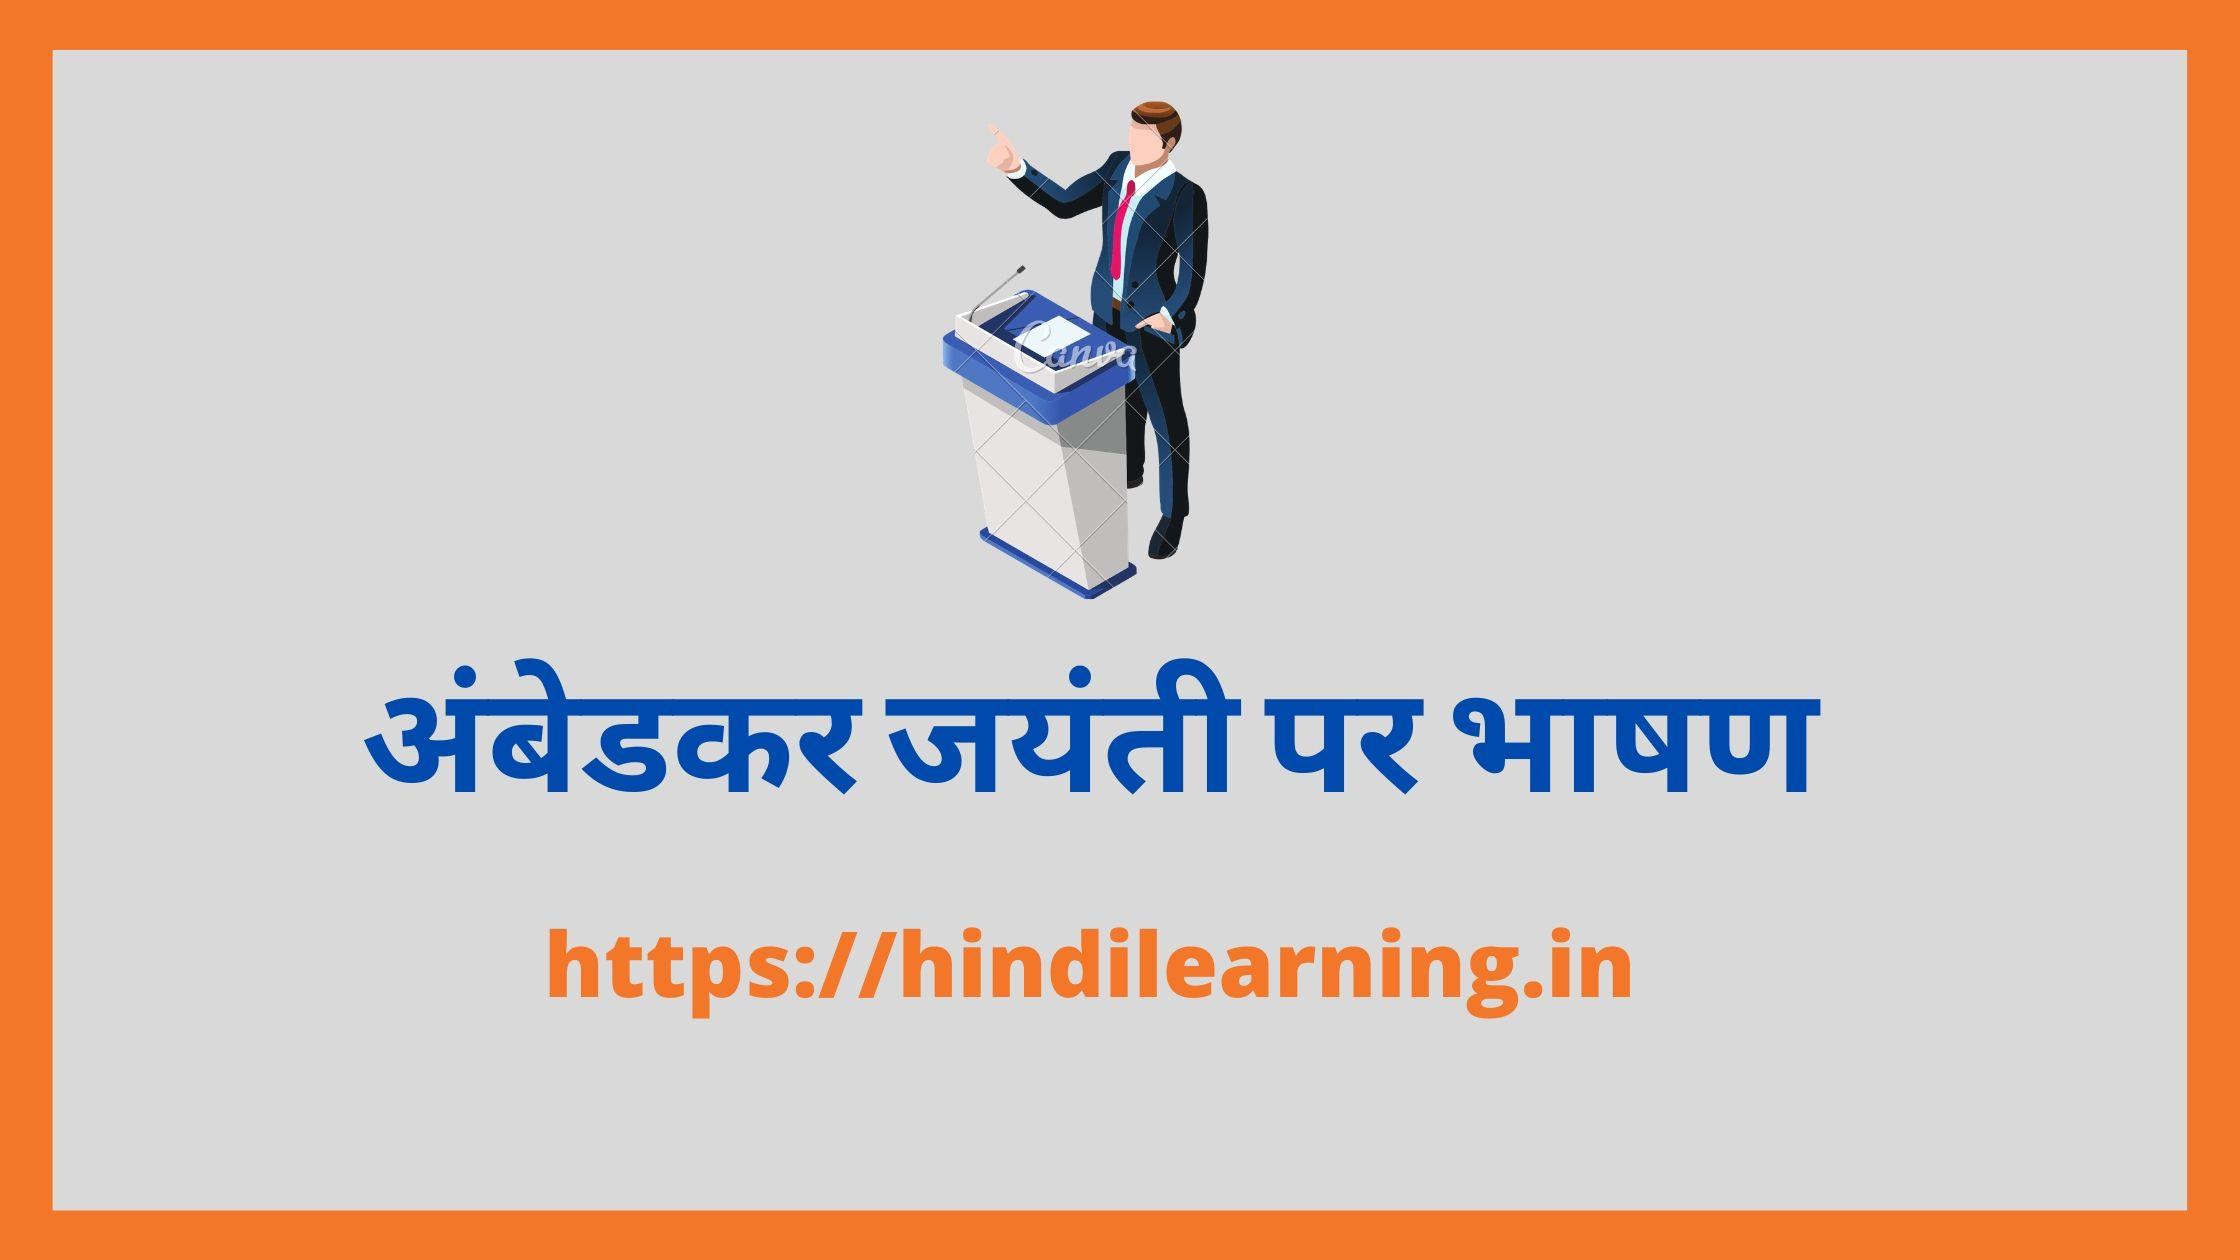 अंबेडकर जयंती पर भाषण - Speech on Ambedkar jayanti in Hindi